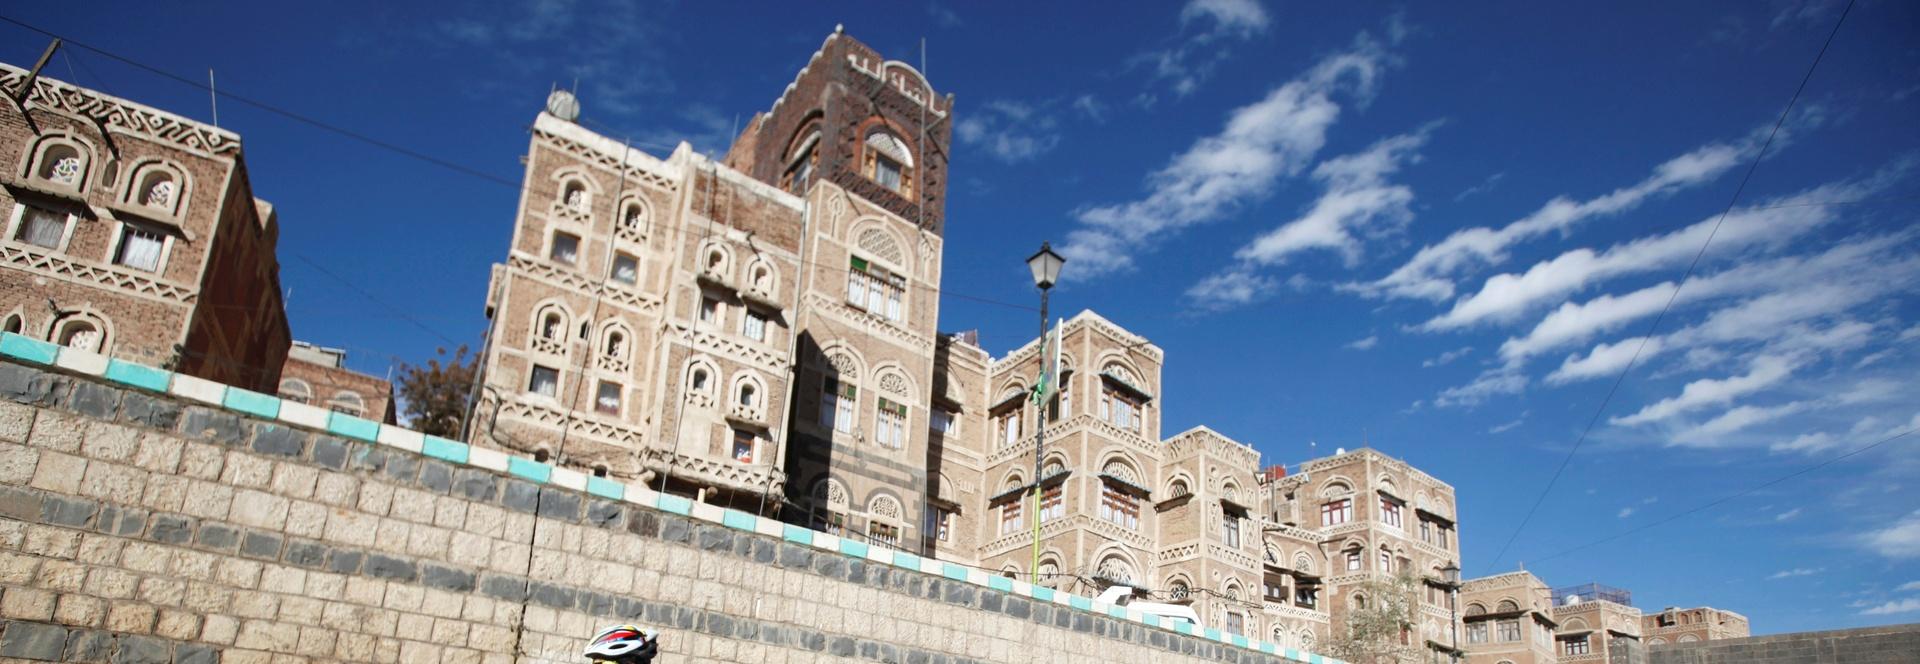 مدينة صنعاء في اليمن.